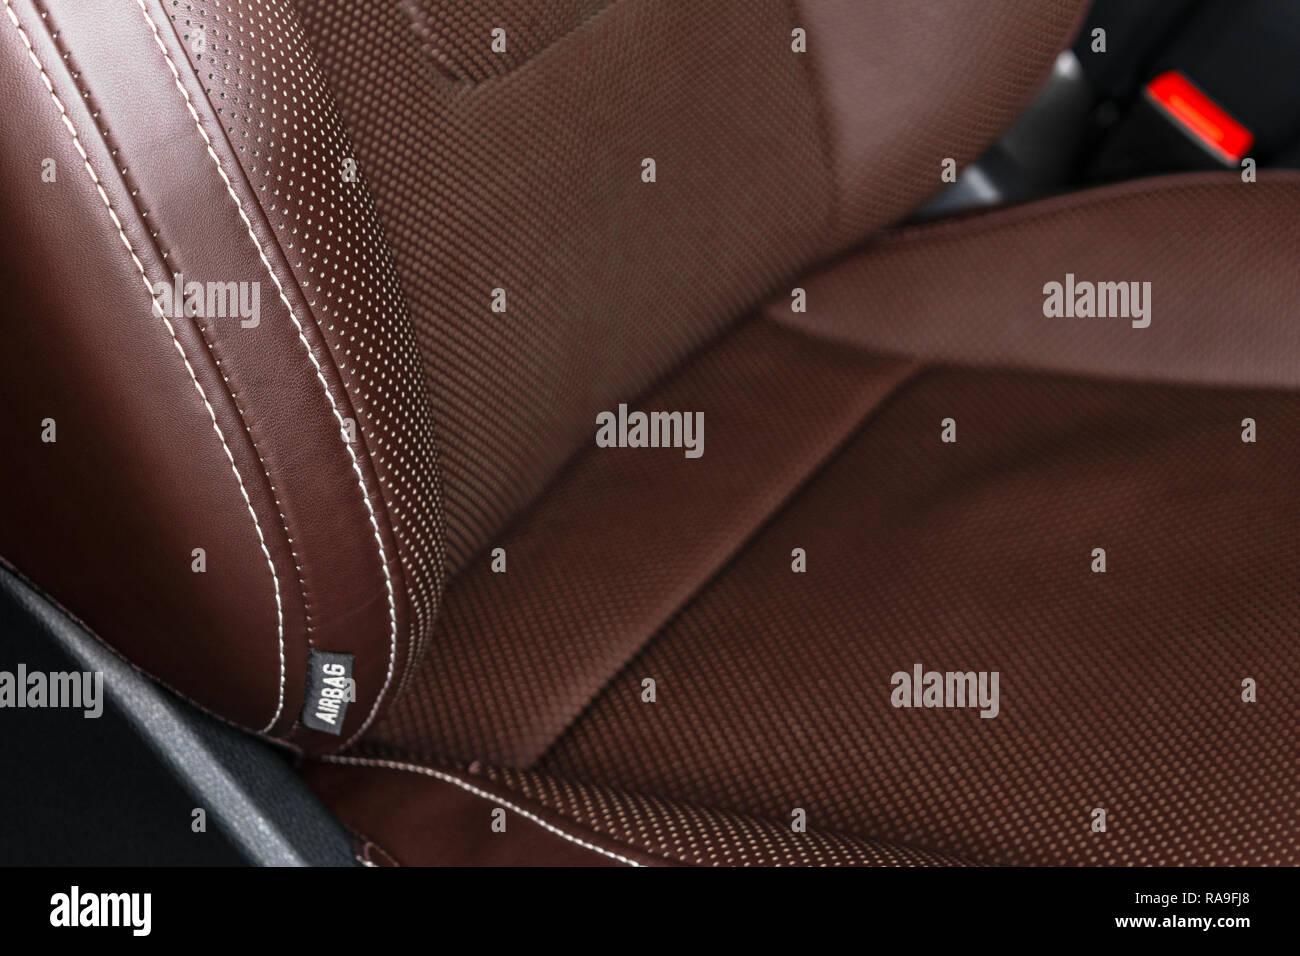 Voiture de luxe moderne intérieur en cuir marron. Partie de siège de ...